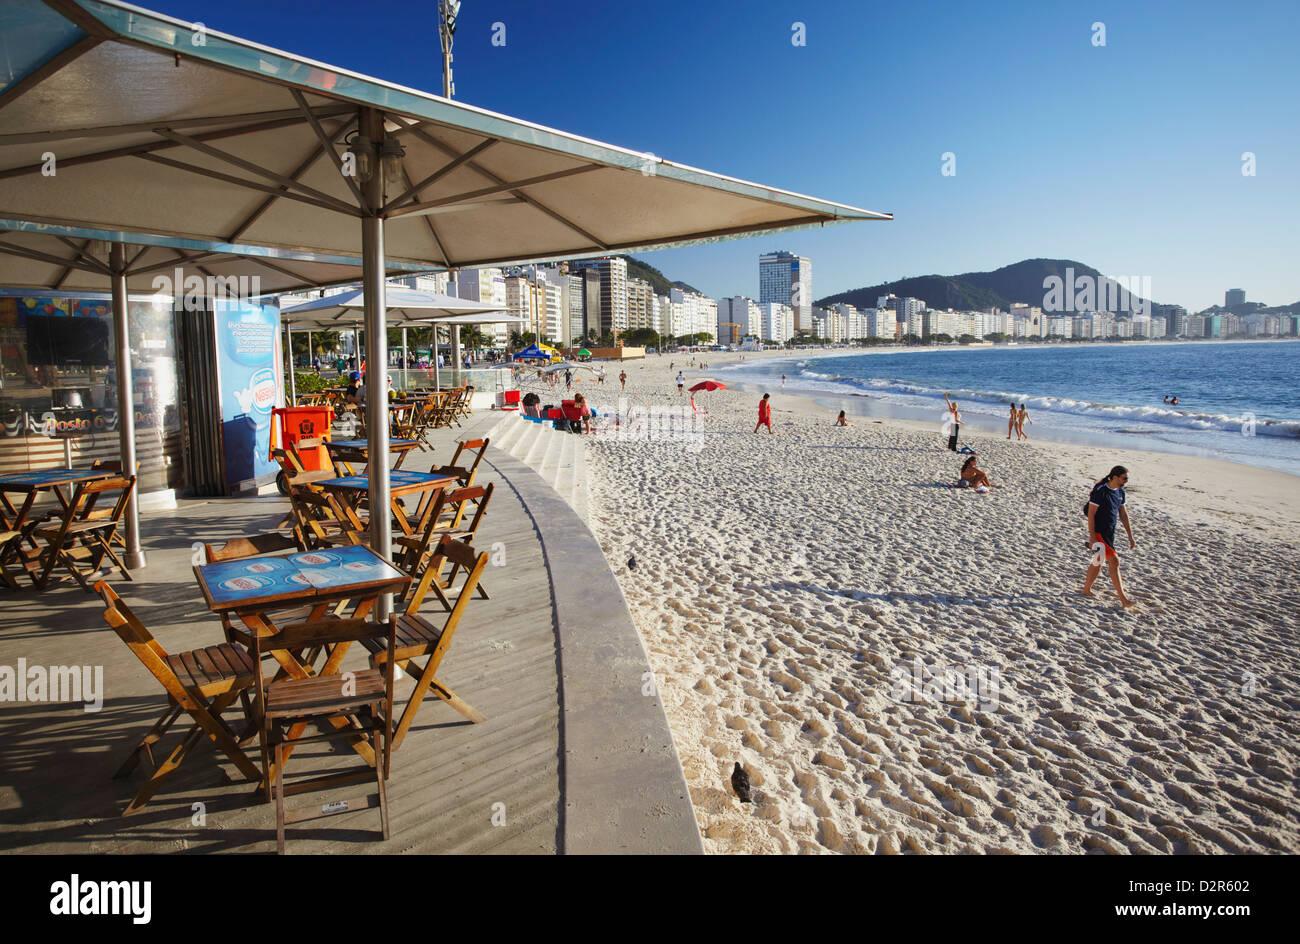 Beachside cafe, Copacabana, Rio de Janeiro, Brazil, South America - Stock Image